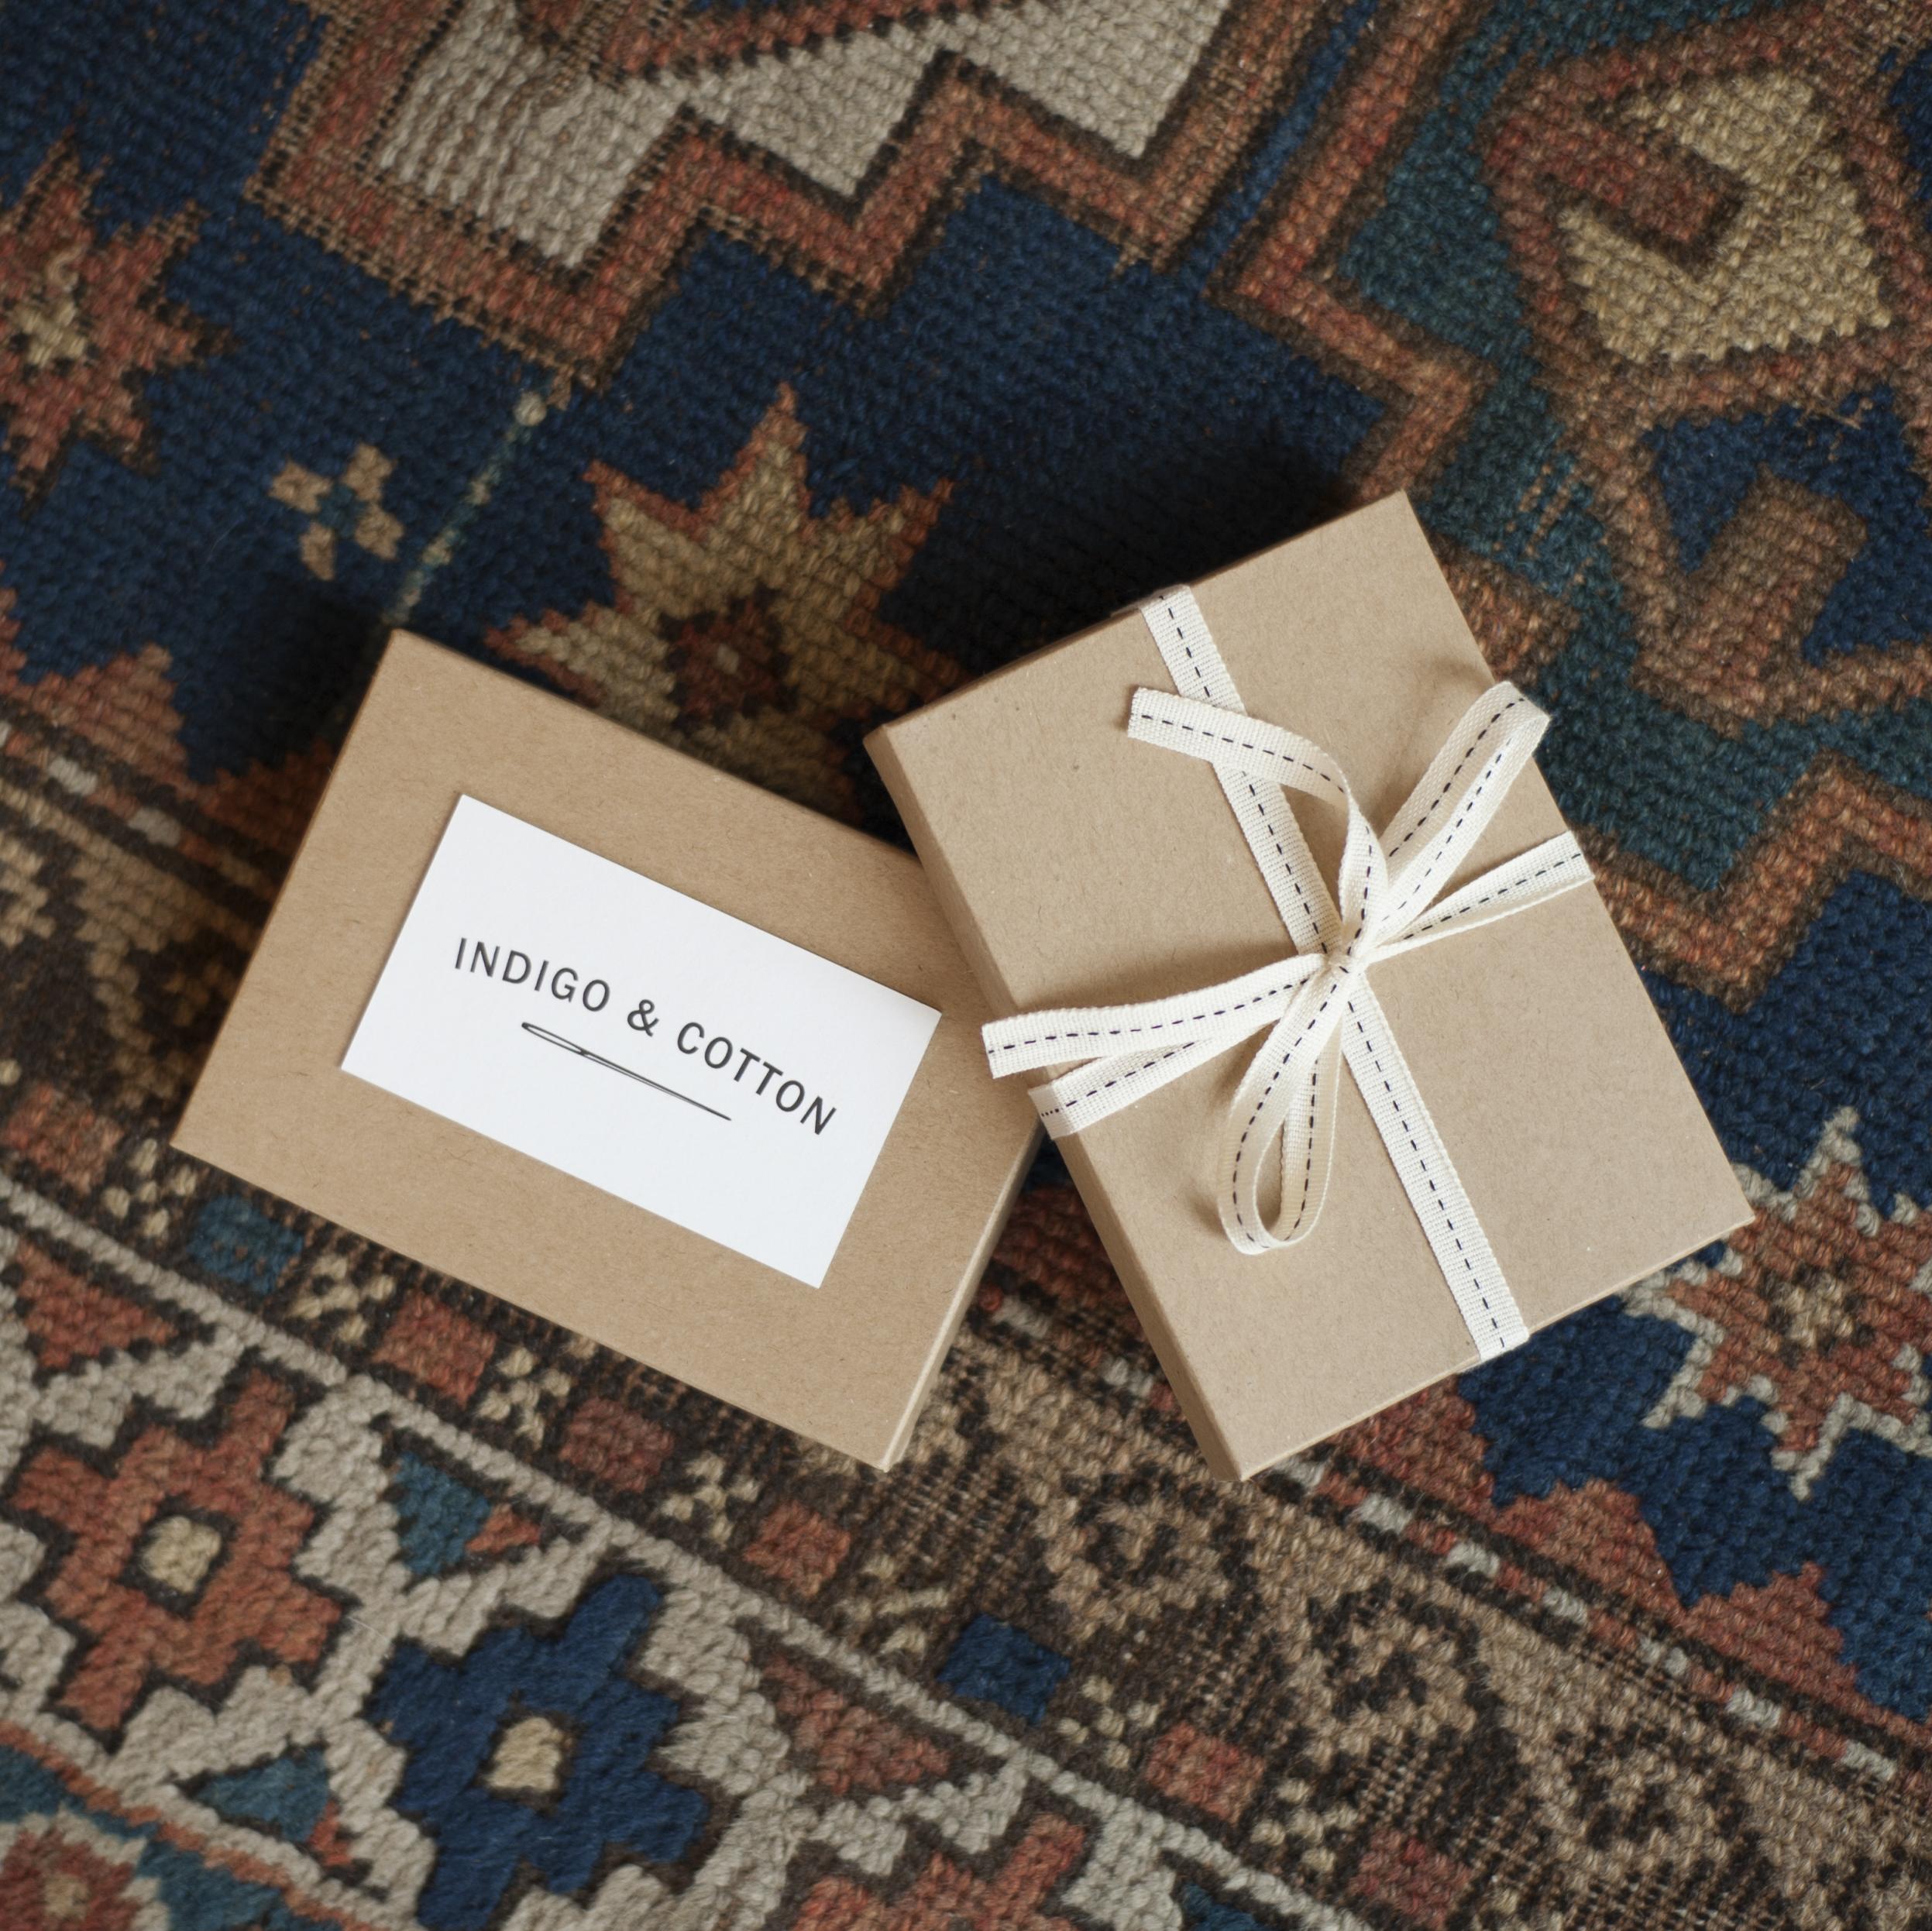 The Indigo & Cotton Gift Card